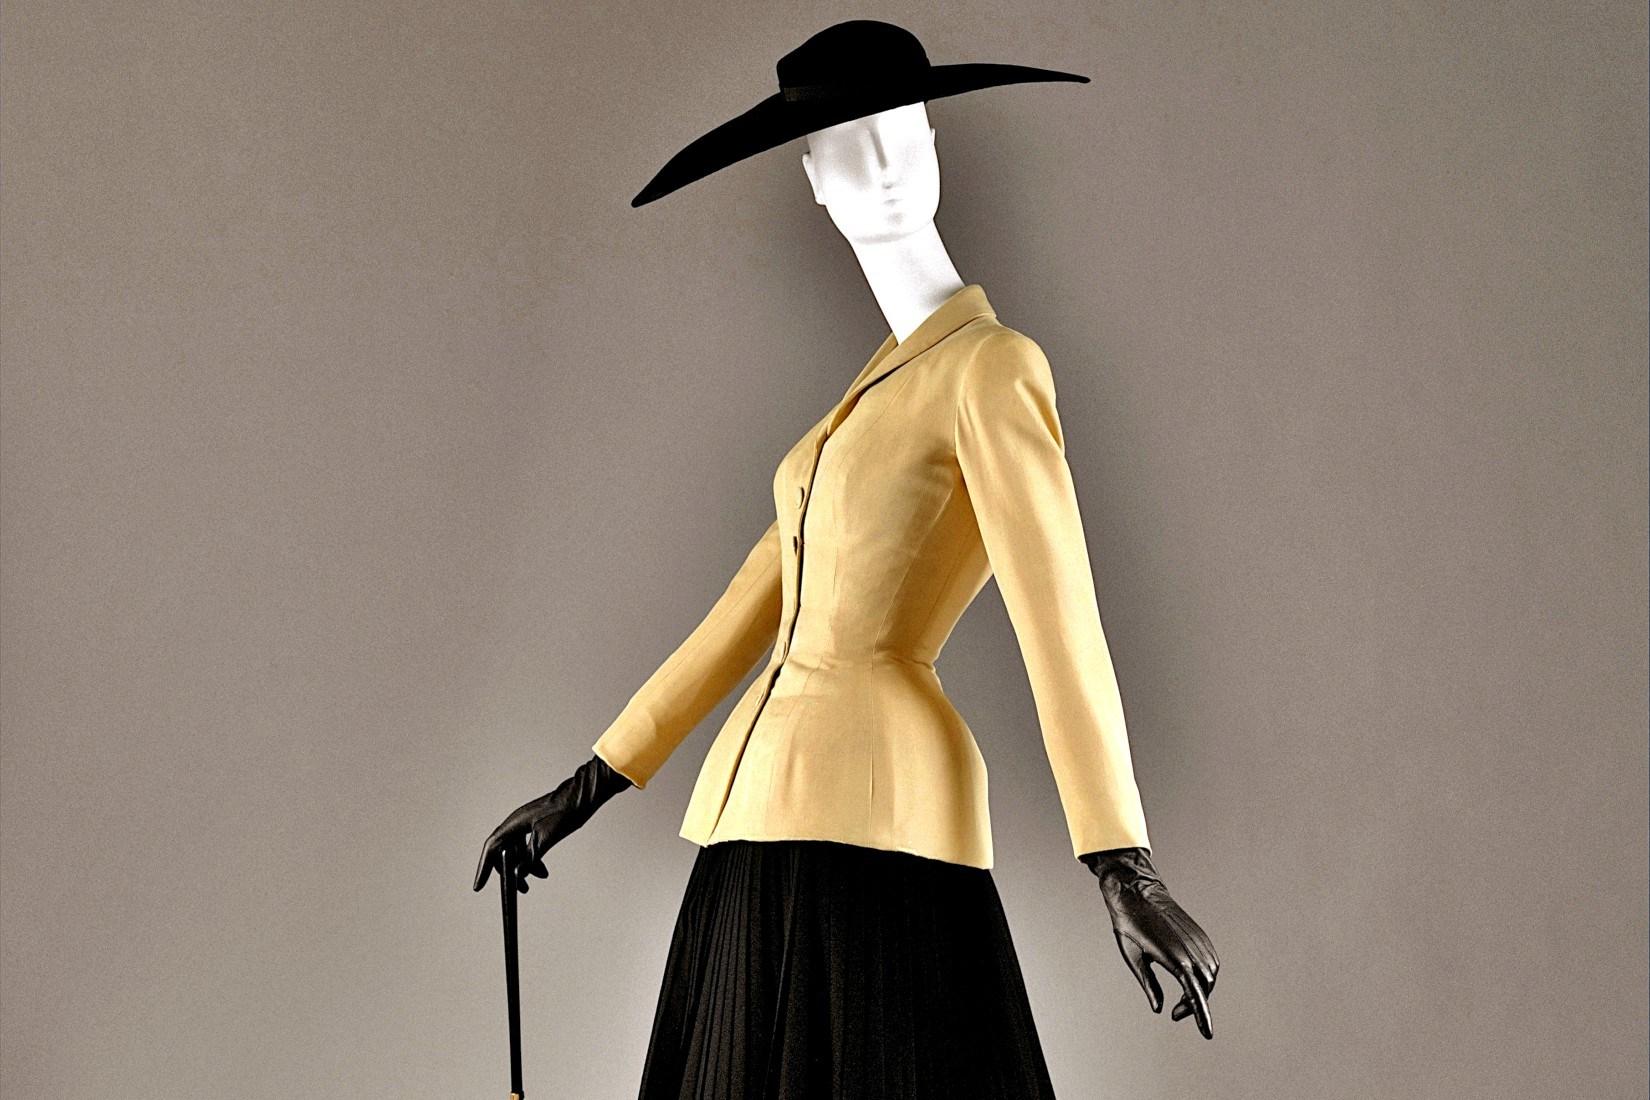 Créations de Dior en 1947 : dans le rétro